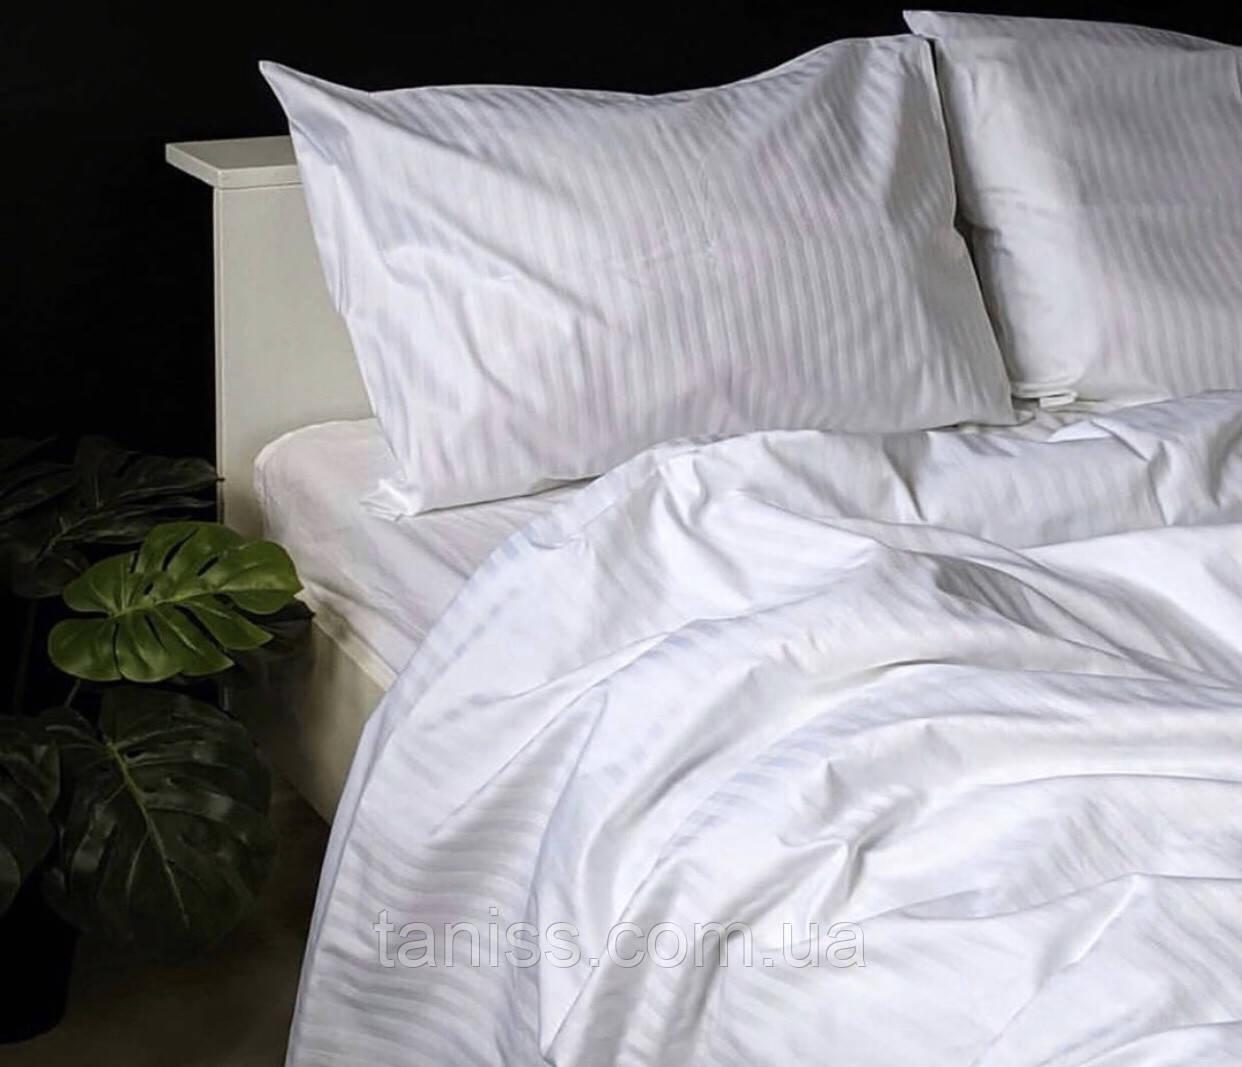 Евро набор постельного белья из страйп-сатина, 100% хлопок, цвет белый